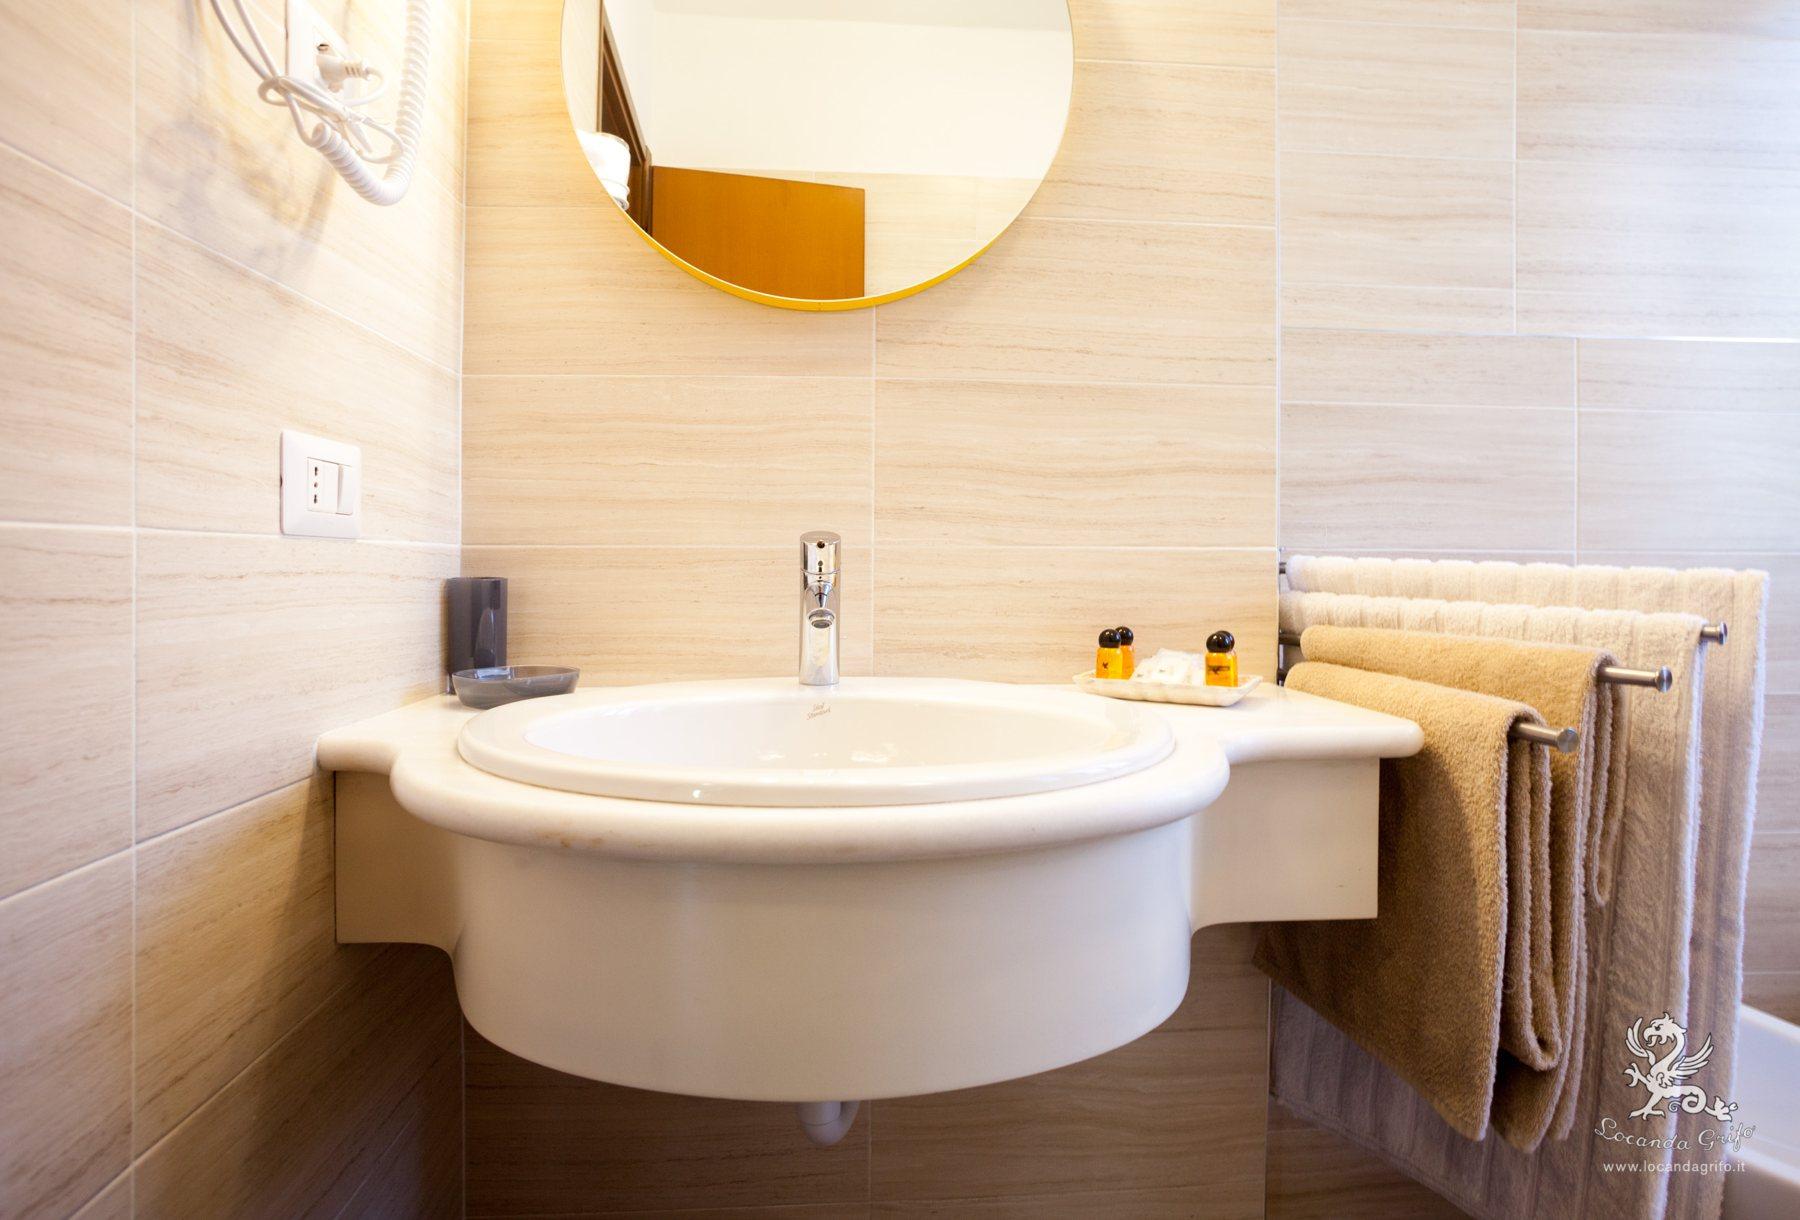 Bagno Camera Tripla con letto matrimoniale - Locanda Grifo, albergo a Lenno sul Lago di Como